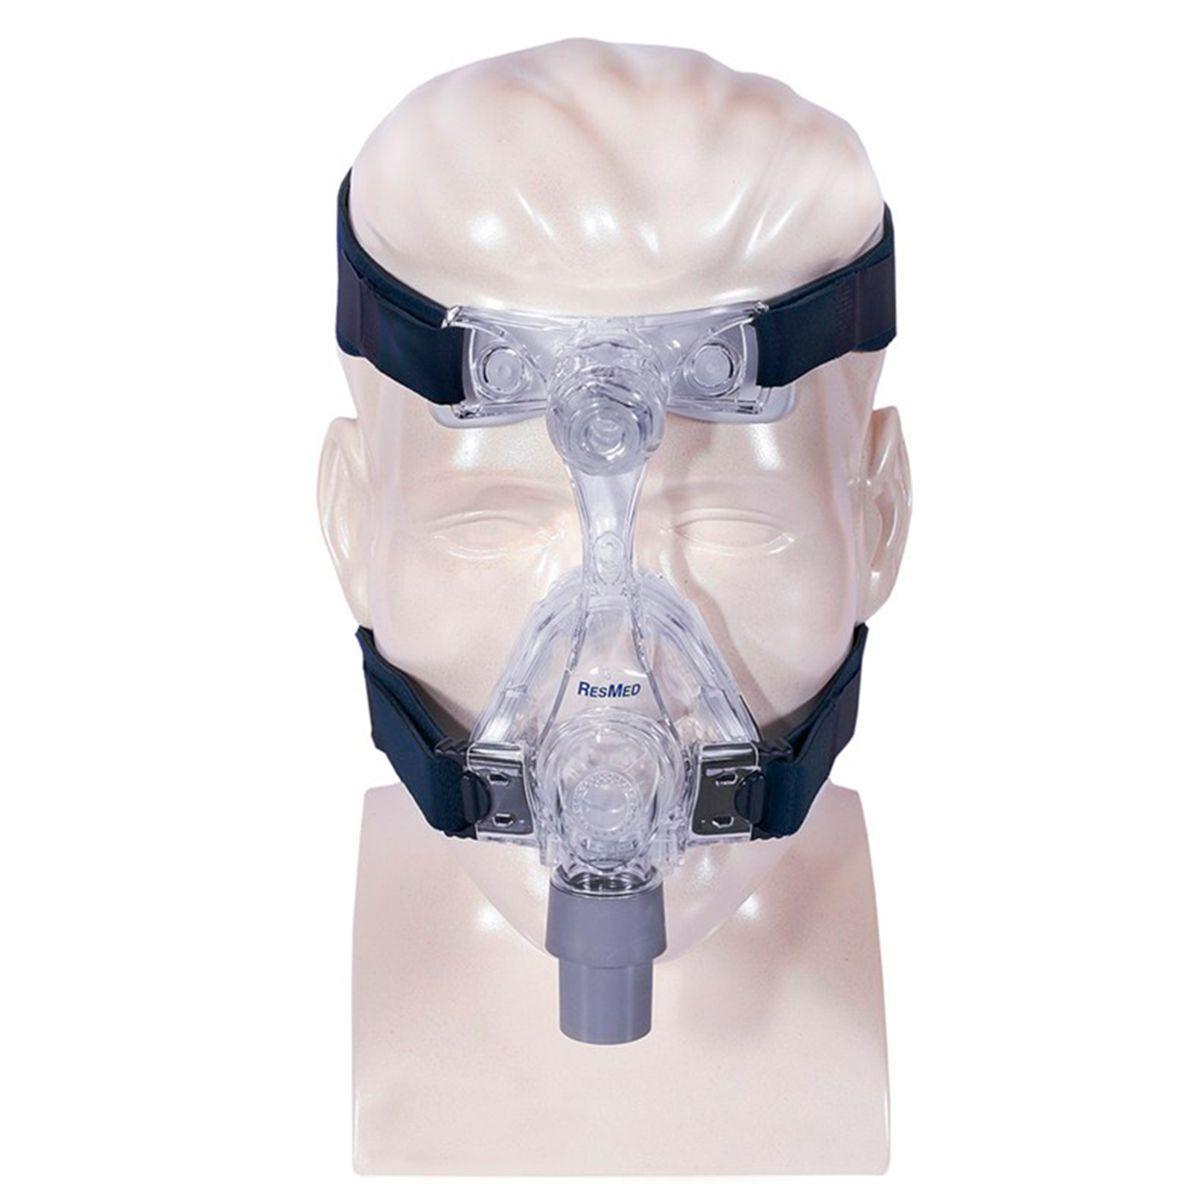 Kit CPAP Fixo Ecostar Sefam + Umidificador + Máscara Nasal Mirage Micro Resmed